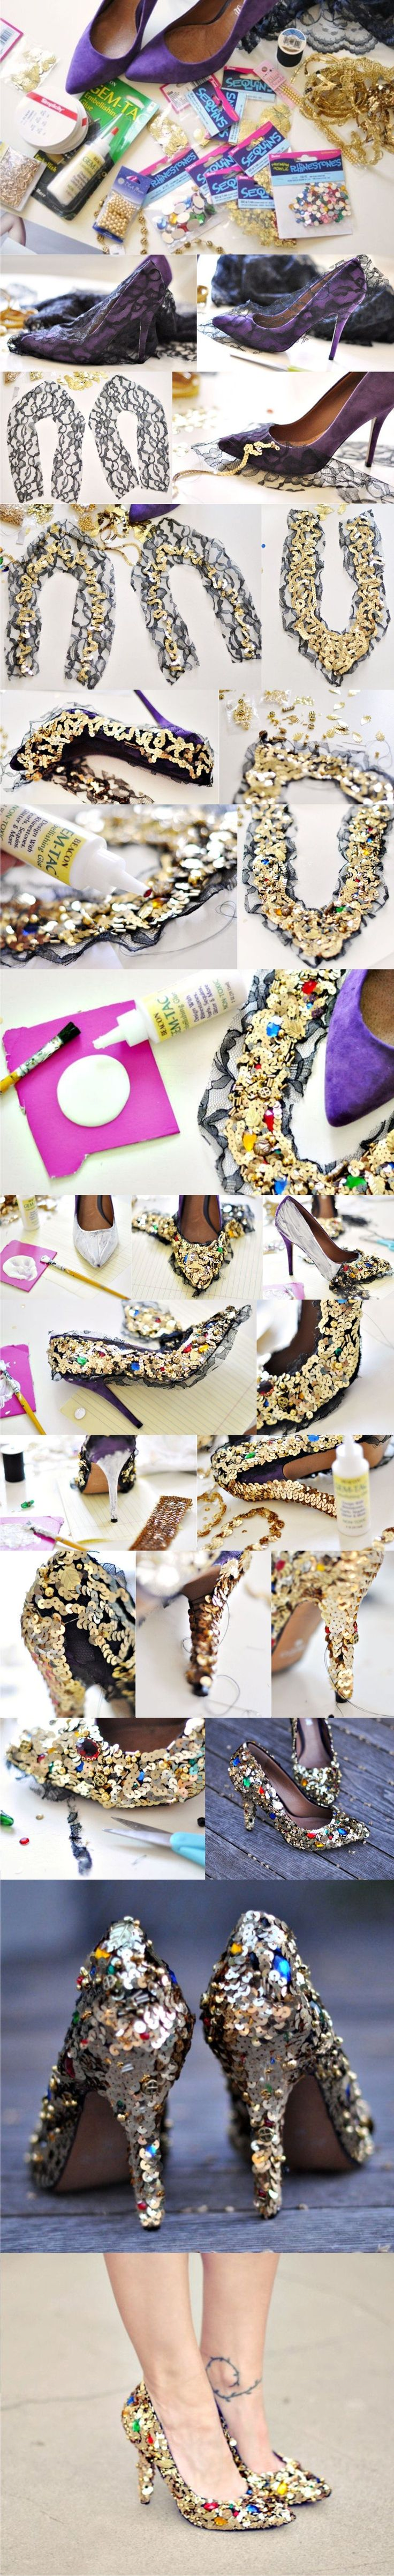 Decoración para tus zapatos en Nochevieja - yesstyle.com